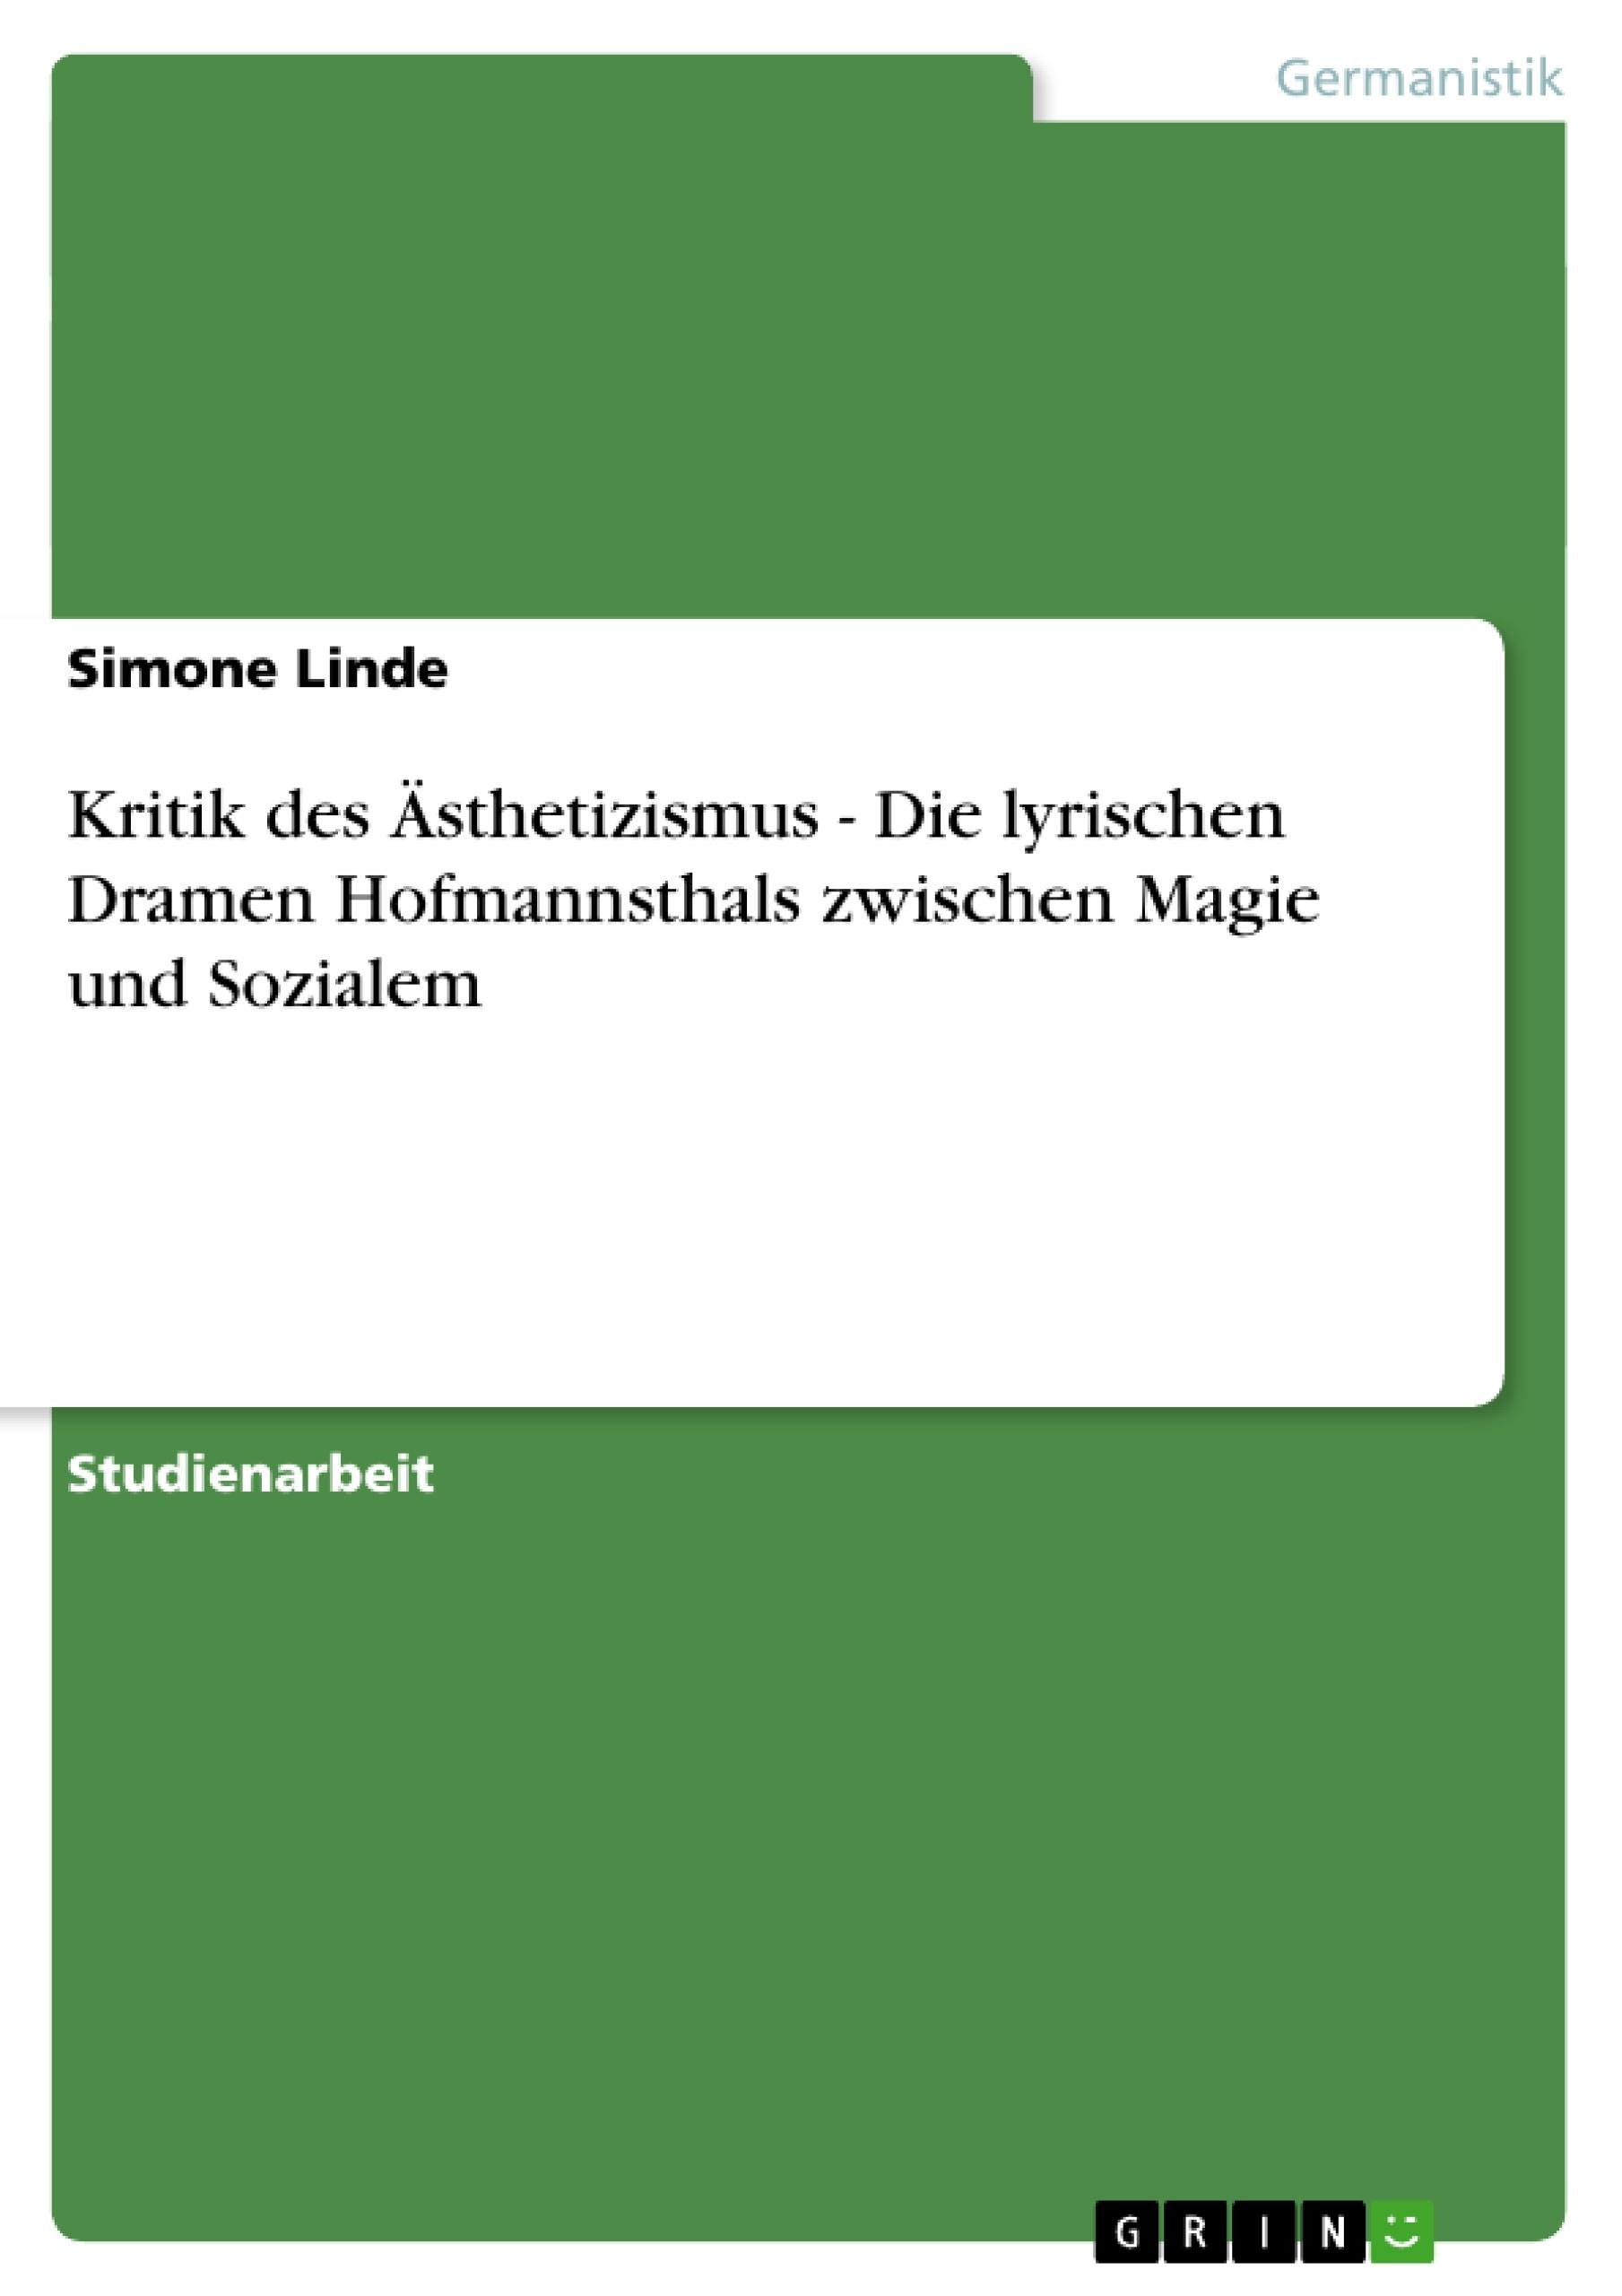 Titel: Kritik des Ästhetizismus - Die lyrischen Dramen Hofmannsthals zwischen Magie und Sozialem